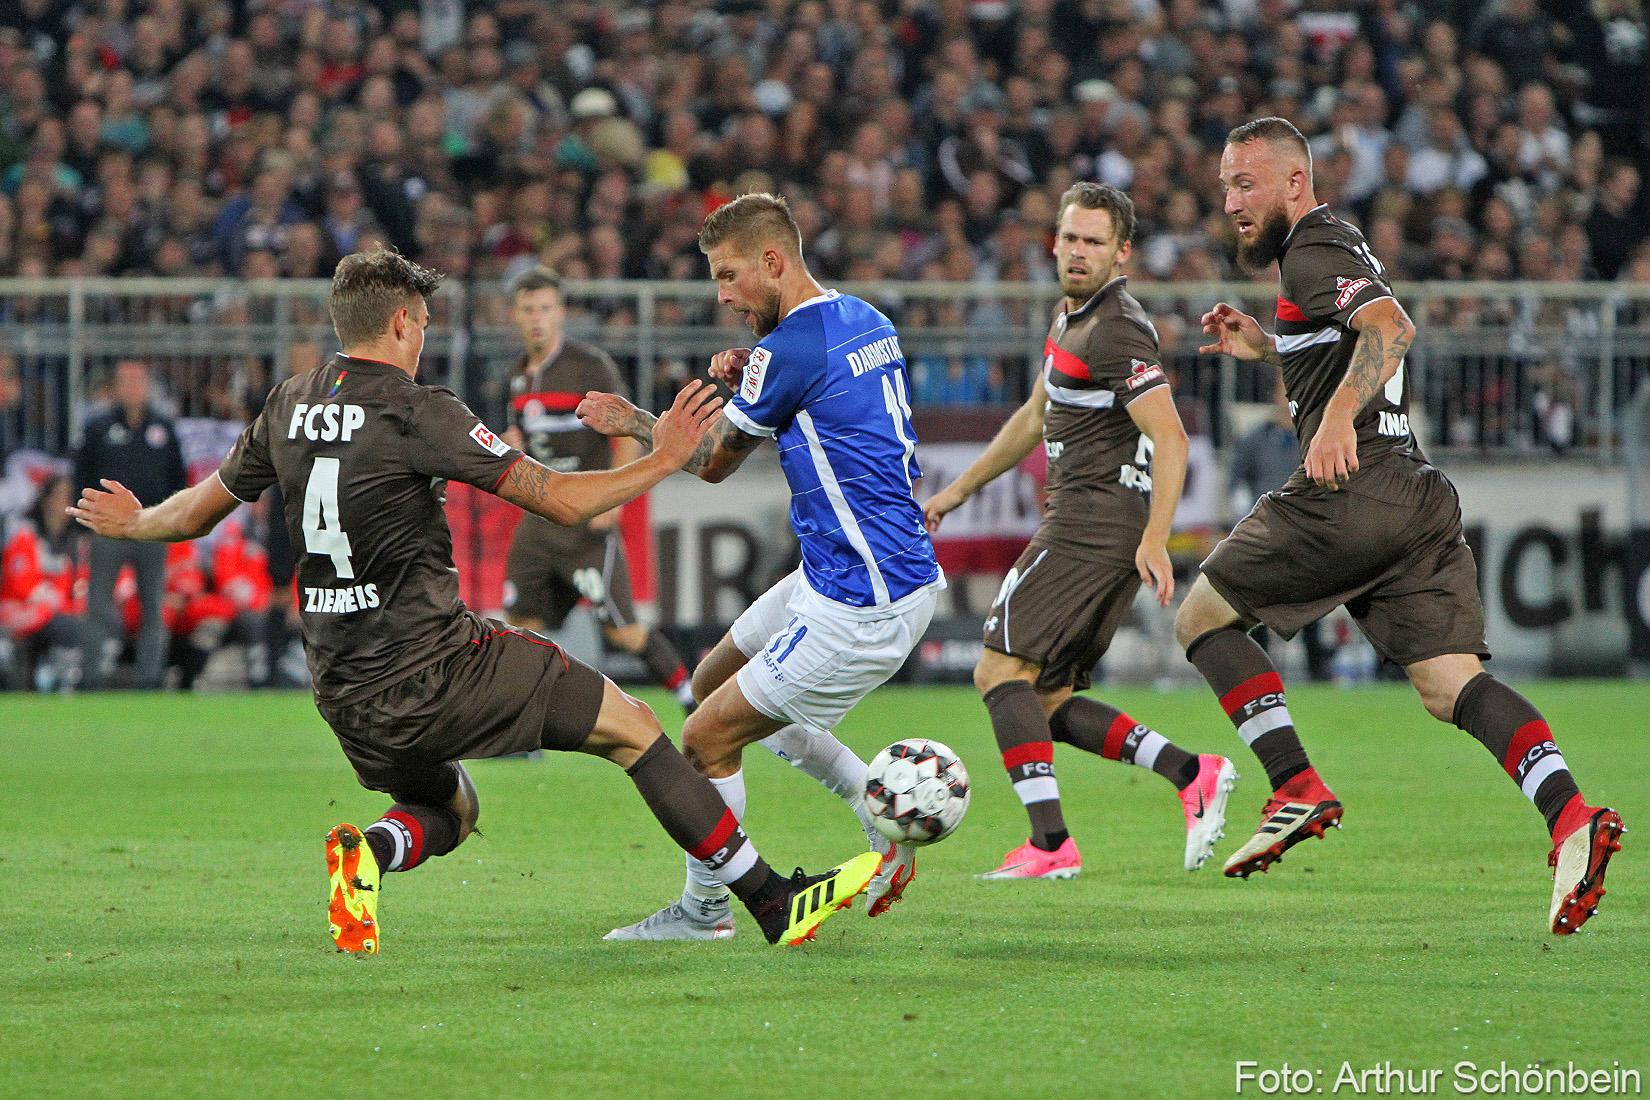 Letzte Saison bei St. Pauli: Ende einer Serie